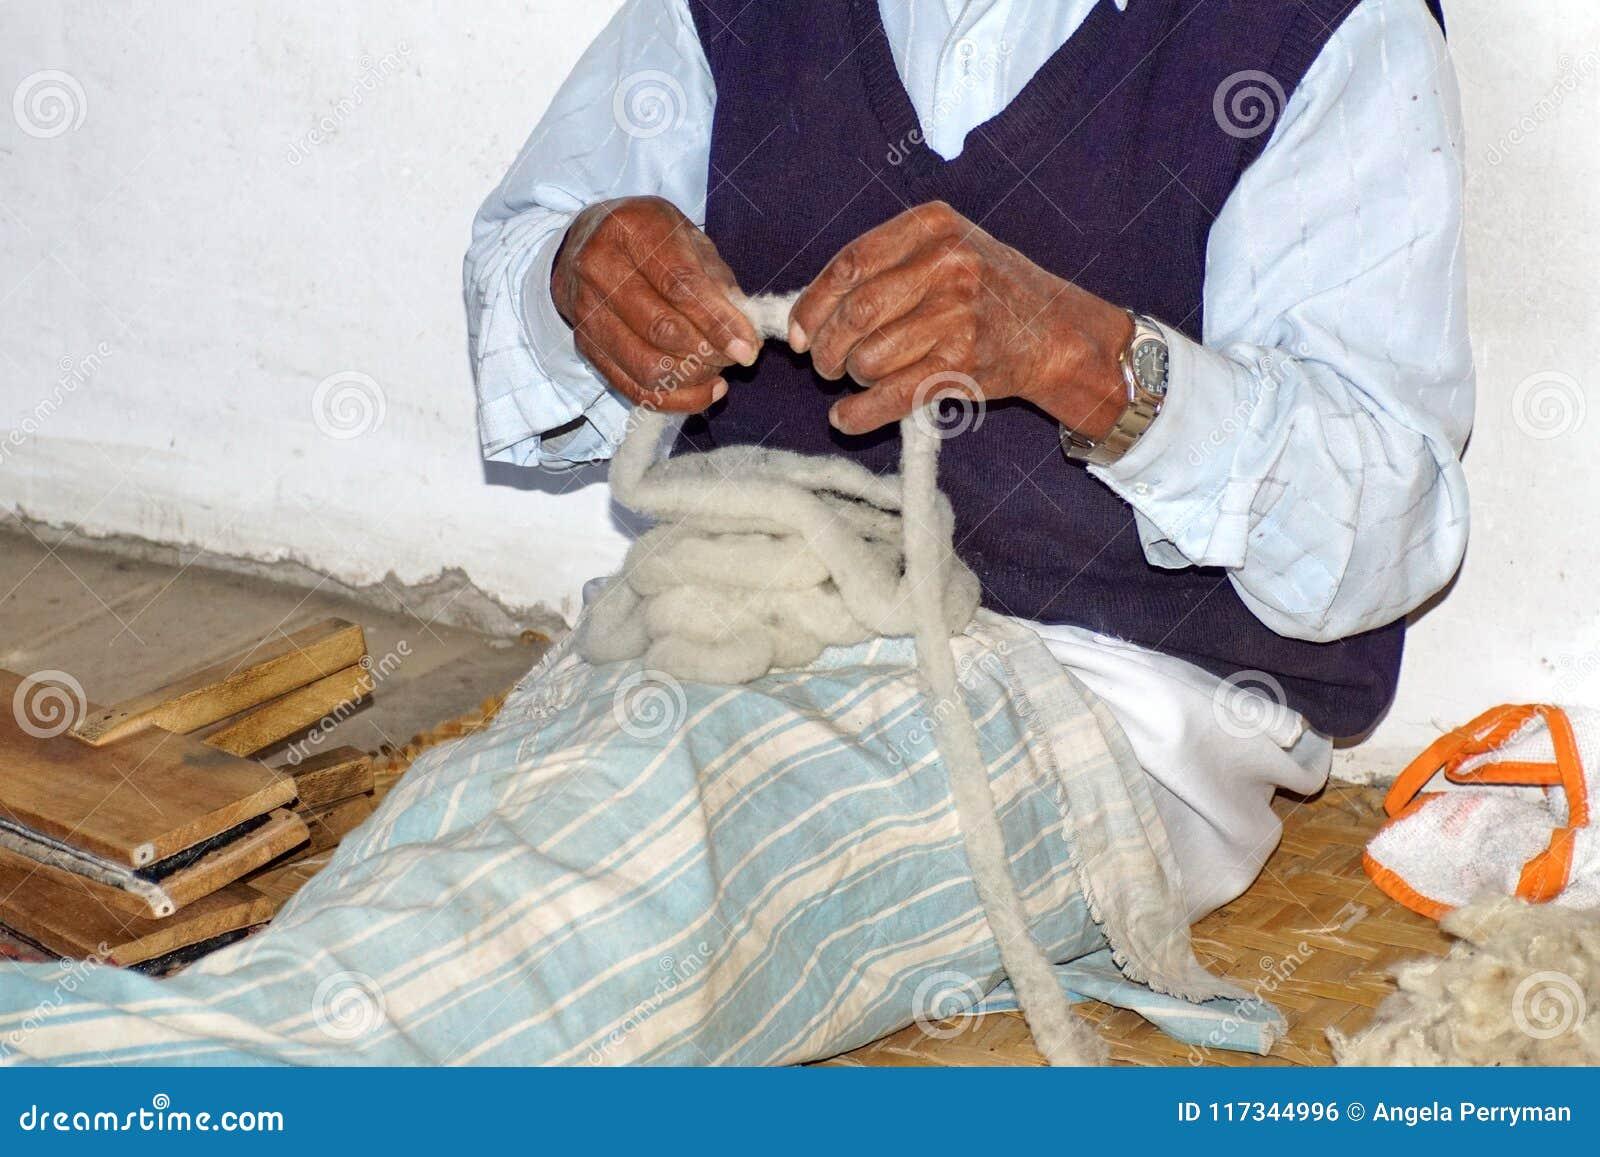 Handen van een bejaarde wever in Ecuador